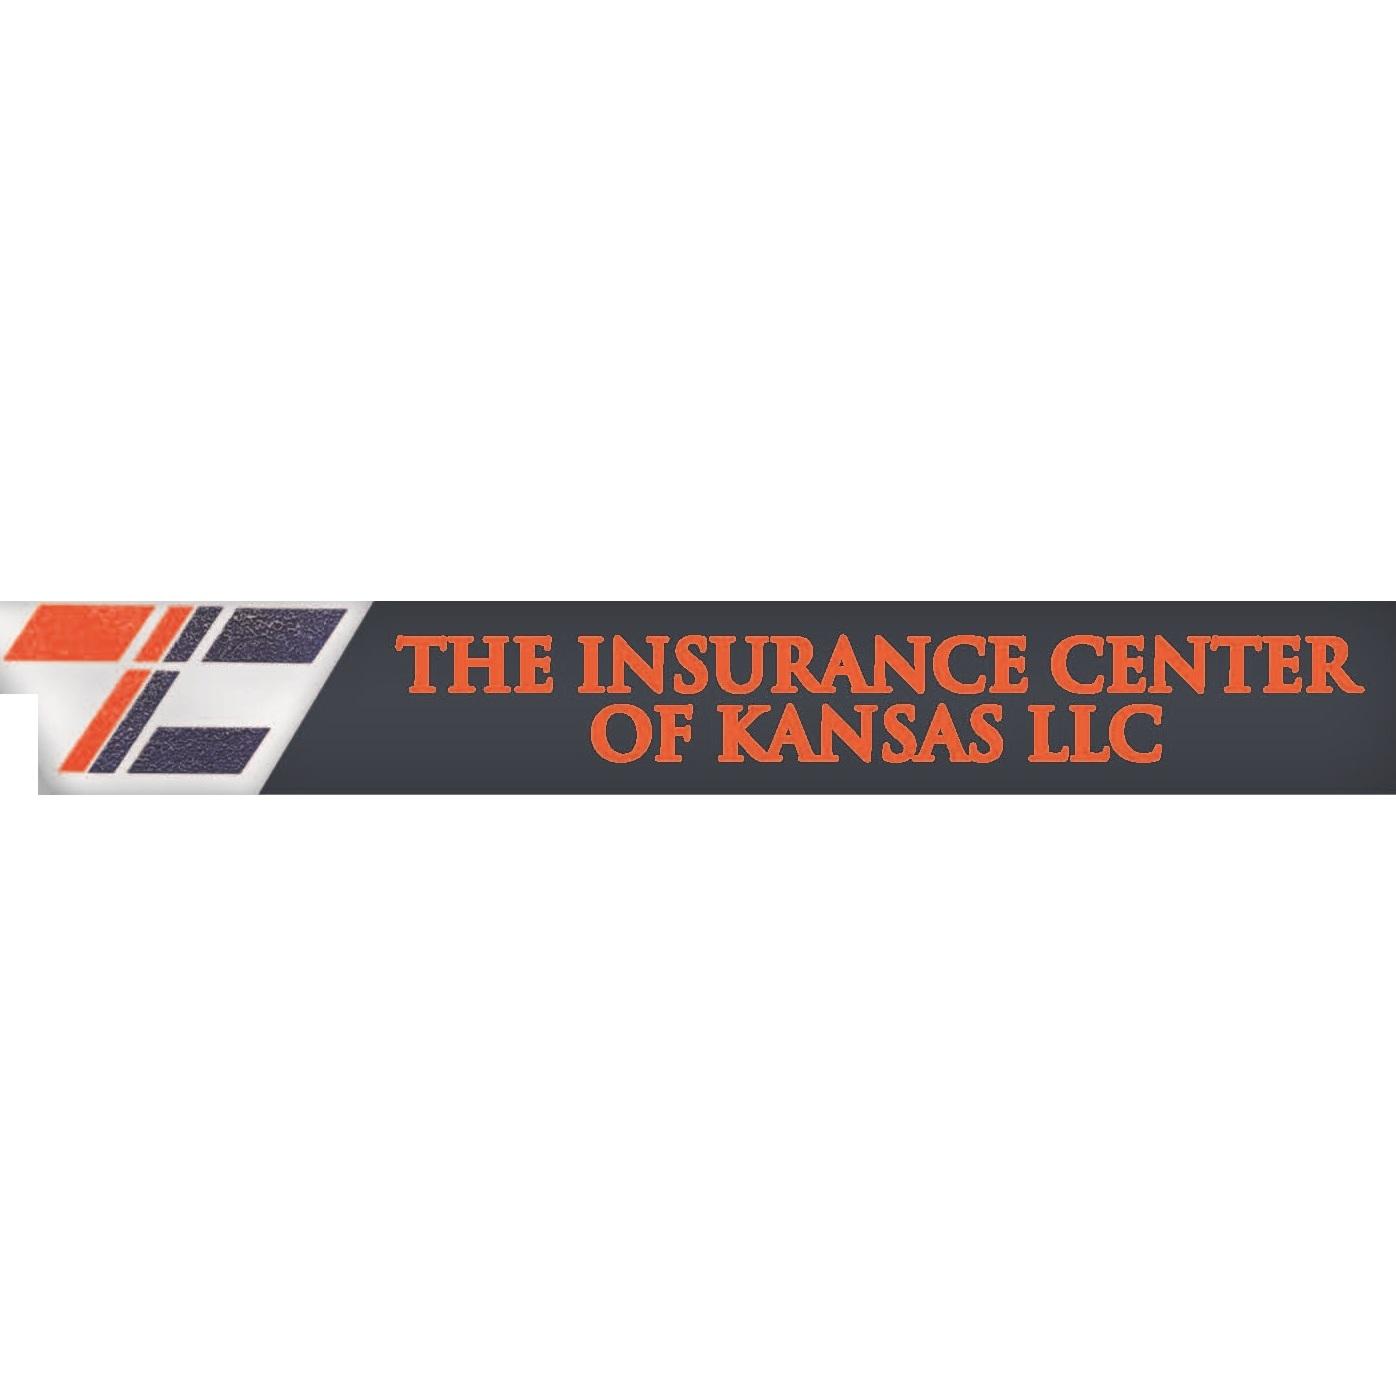 The Insurance Center Of Kansas LLC